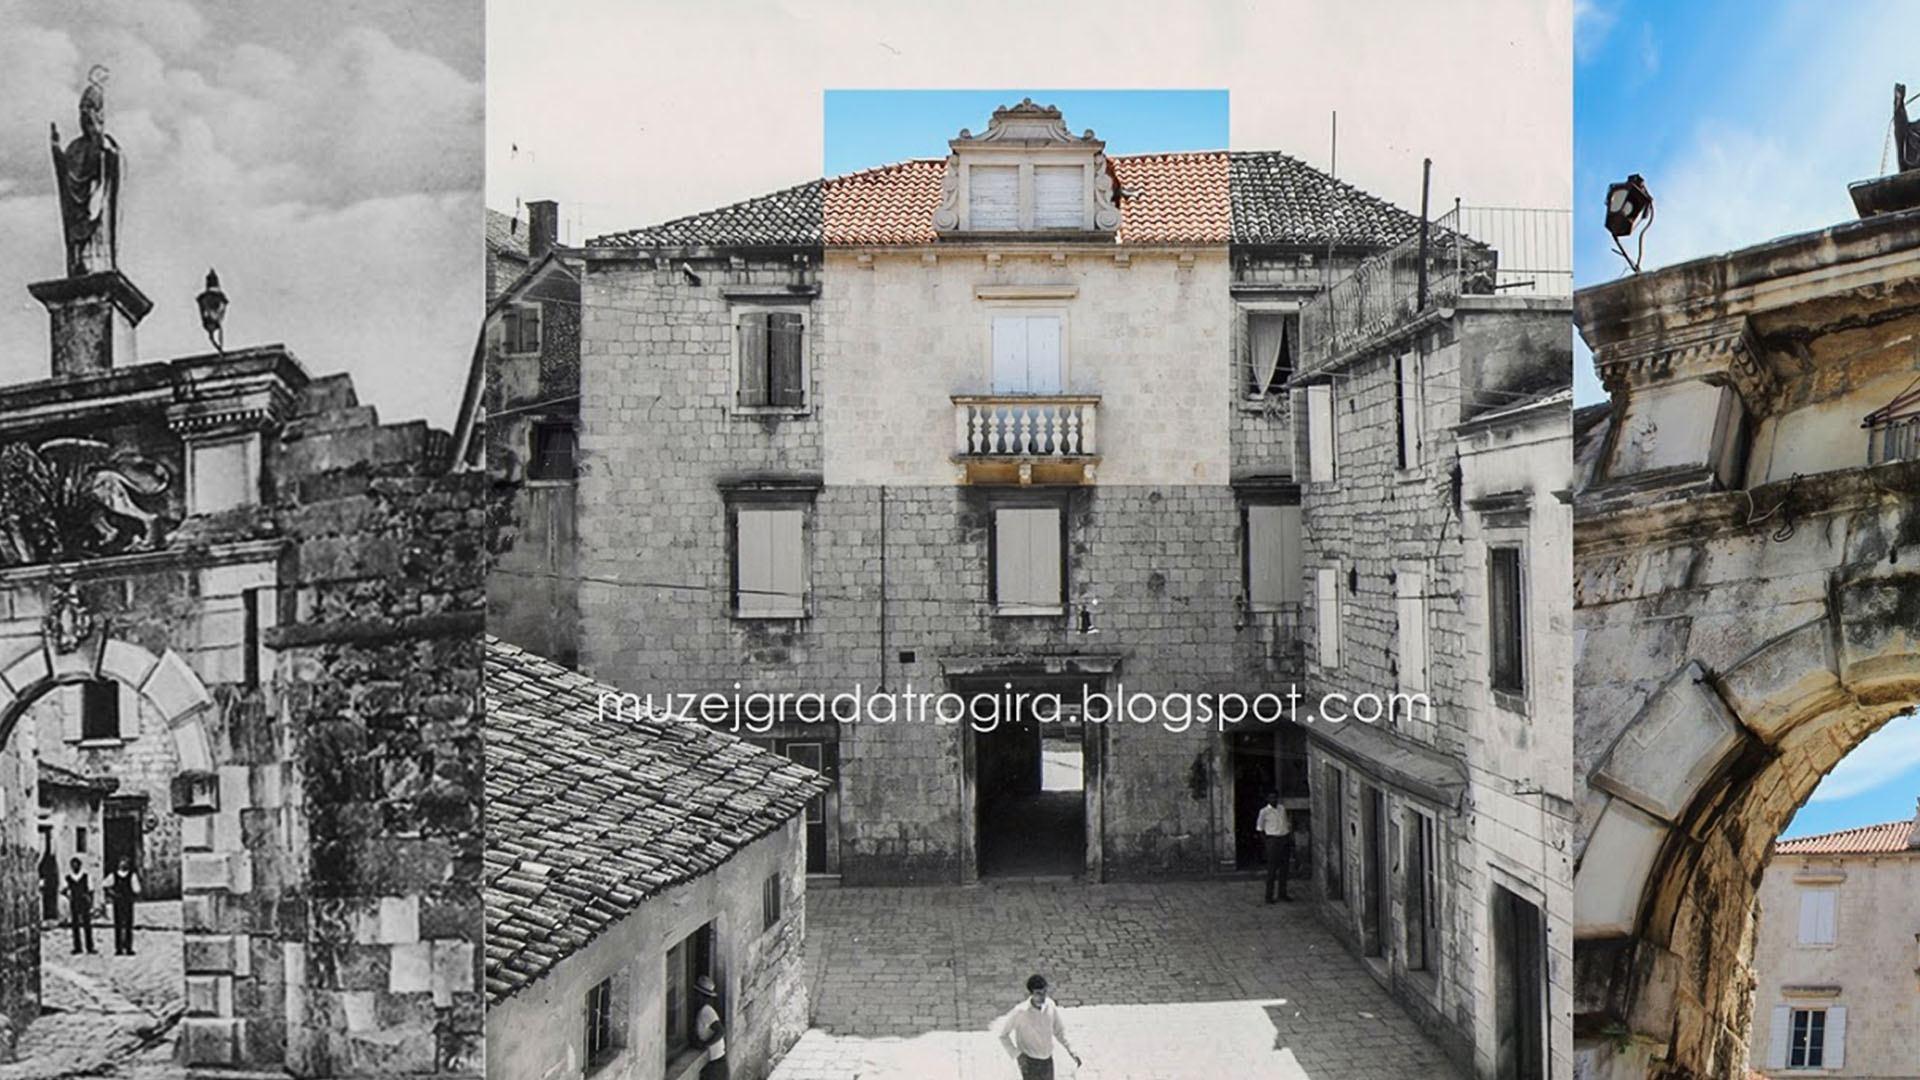 Dan povijesti u Muzeju grada Trogira - Kliofest 2017. estival povijesti - Kliofest, u okviru kojeg se obilježava Dan povijesti ove je godine u Muzeju grada Trogira posvećen 130-oj obljetnici po